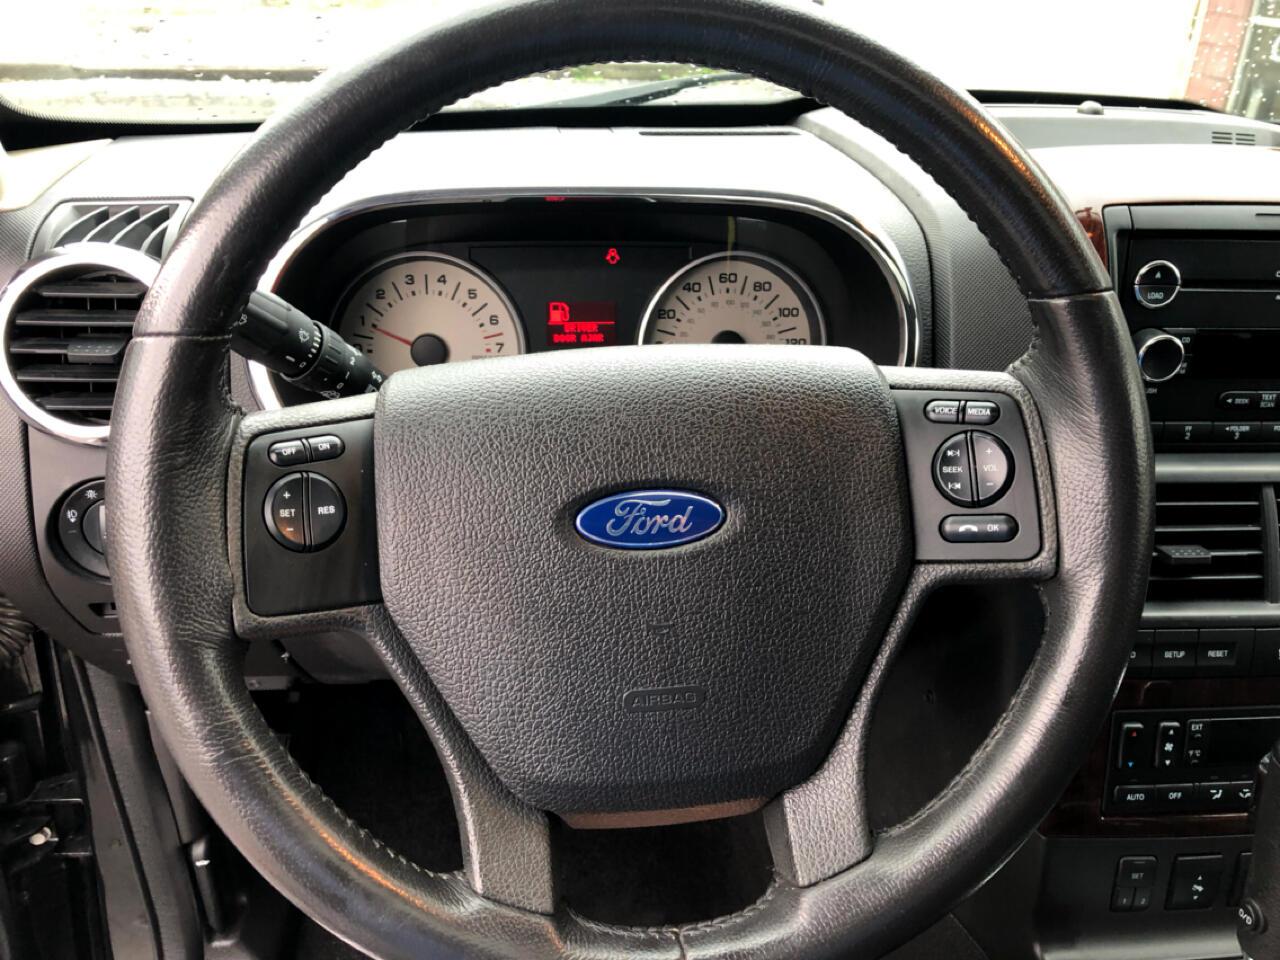 2009 Ford Explorer AWD 4dr V8 Limited